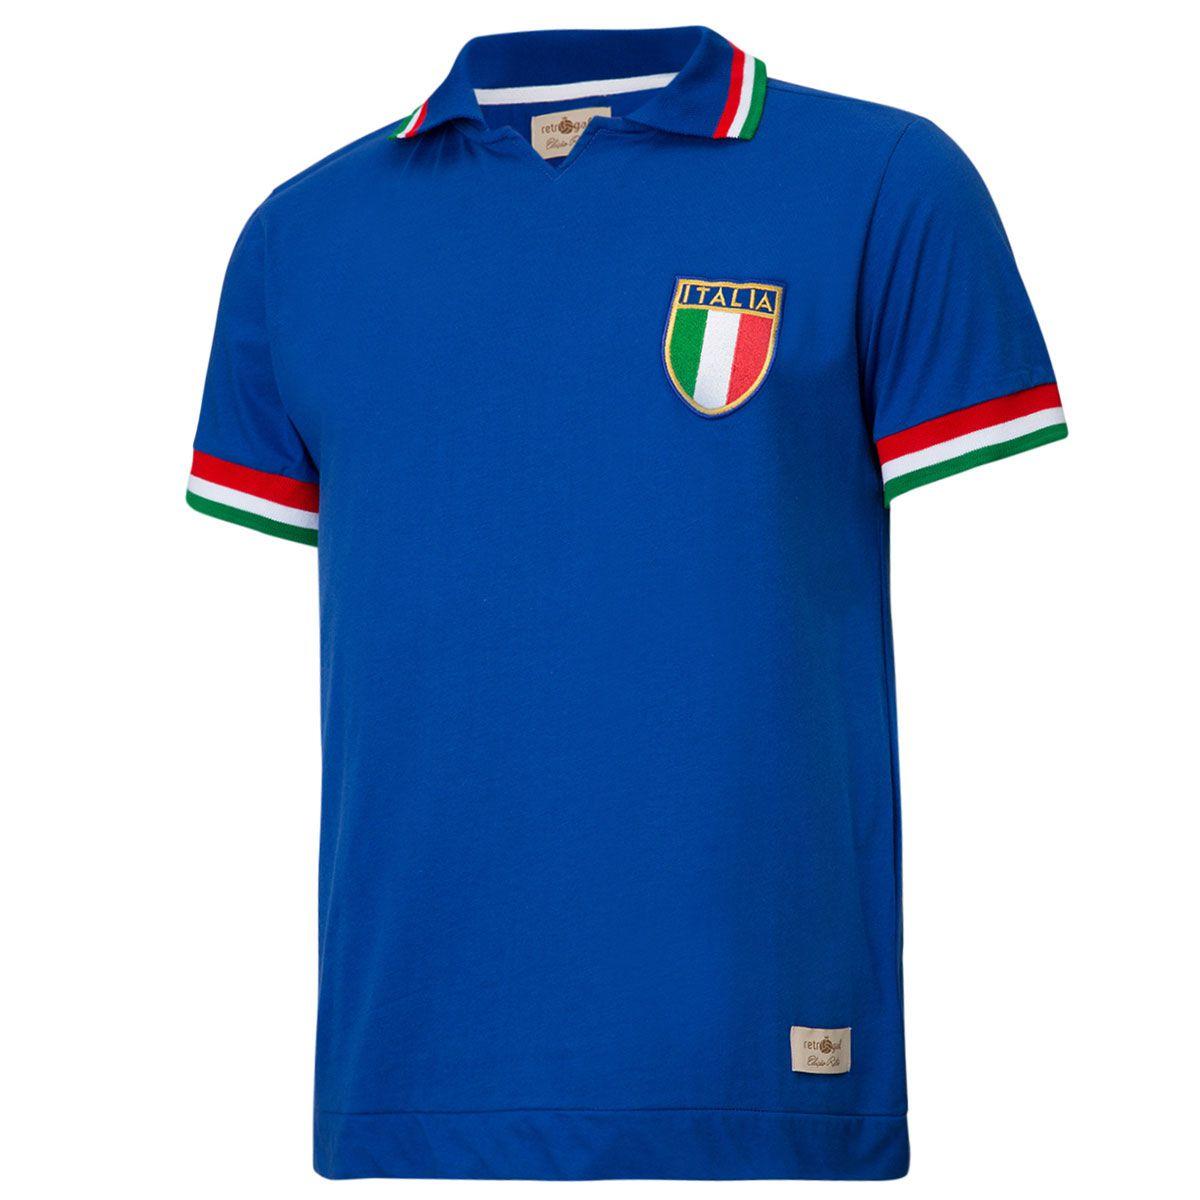 Camisa Polo Retrô Gol Réplica Seleção Itália 1982 Torcedor